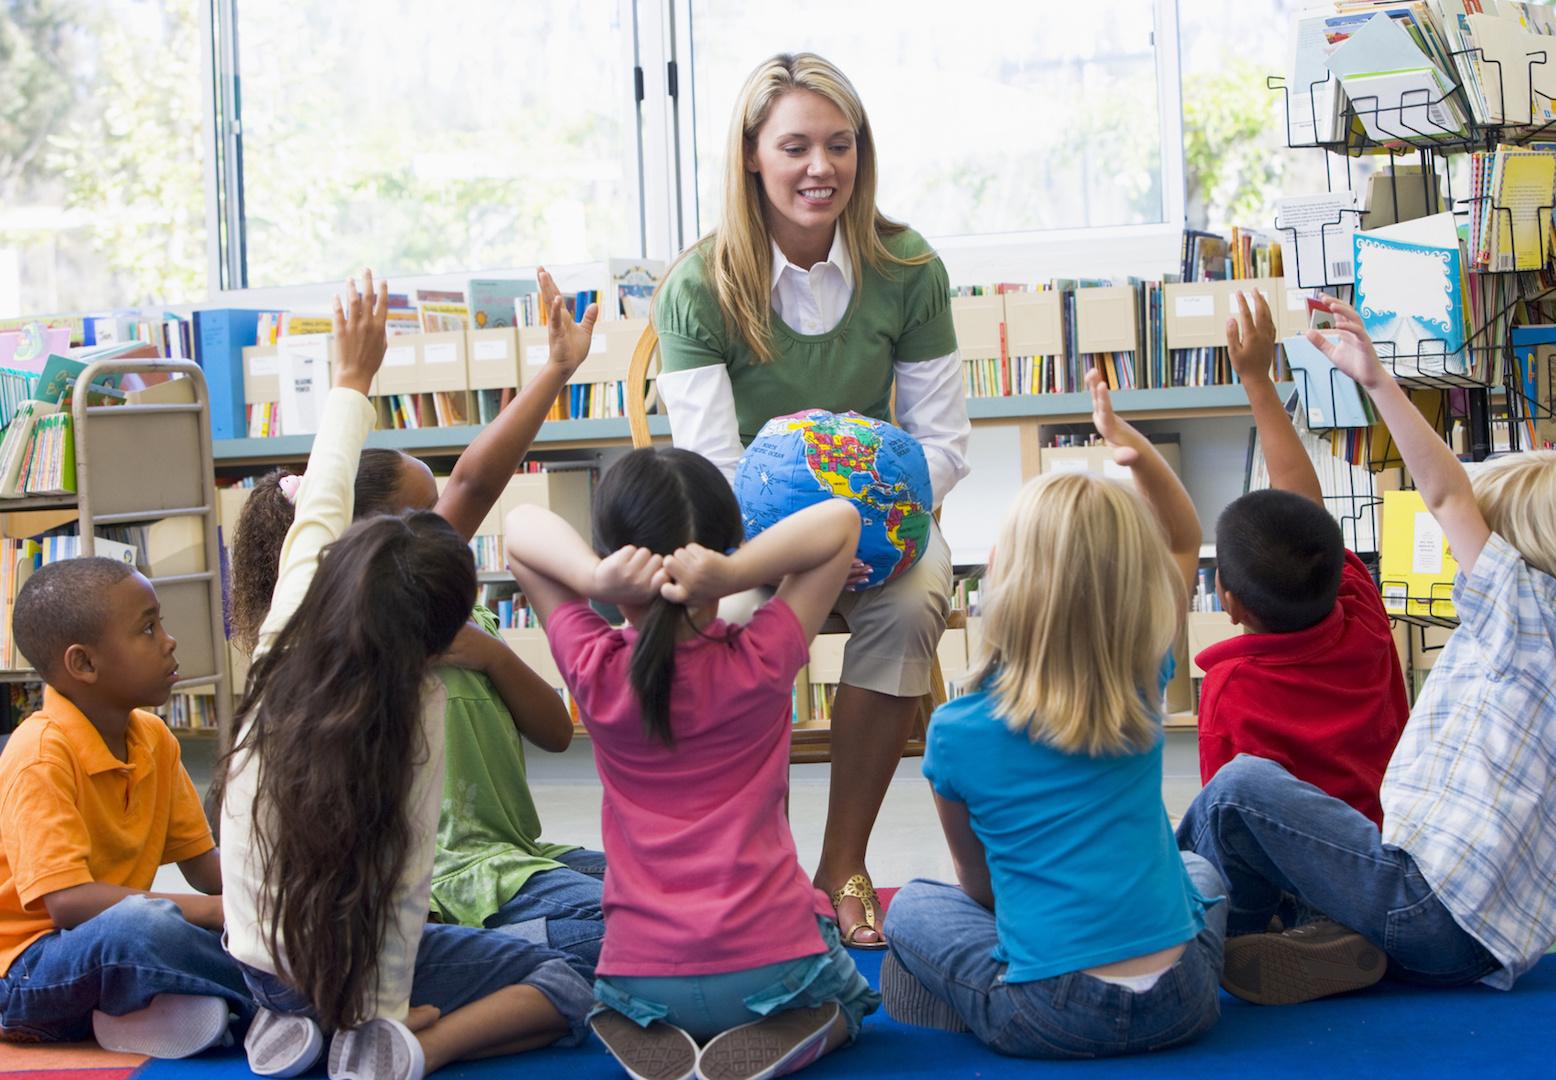 in Kindergärten, Schulräumen, Ausbildungsstätten – überall dort, wo die Gesundheit unserer Kinder und Jugendlichen geschützt werden sollen vor Viren, Keimen und Luftschadstoffen aller Art. Dort wo es um unseren Nachwuchs geht. Die Eltern werden es honorieren.